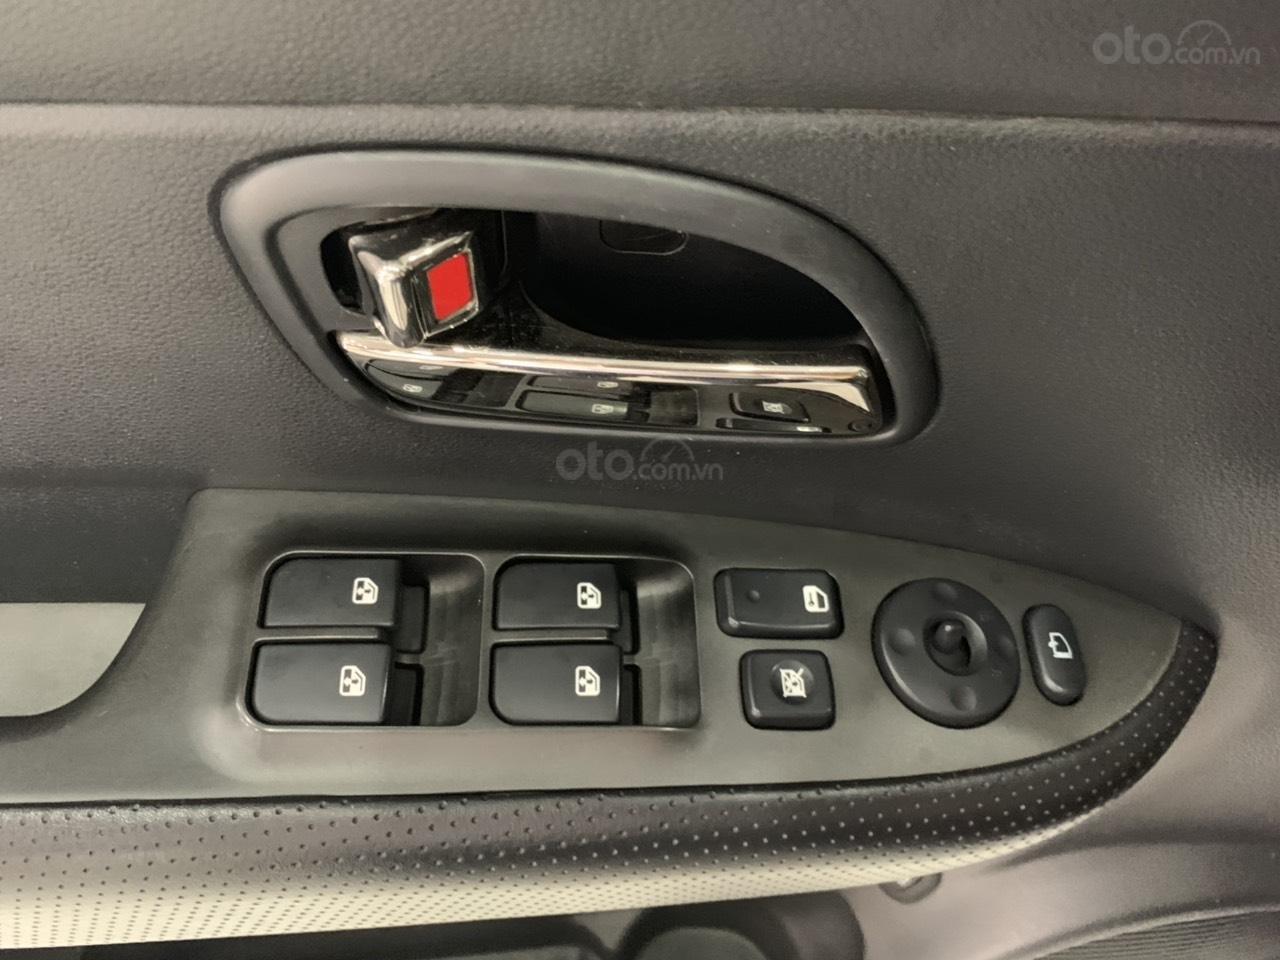 Bán ô tô Kia Carens MT năm sản xuất 2015, màu bạc, giá chỉ 420 triệu (6)